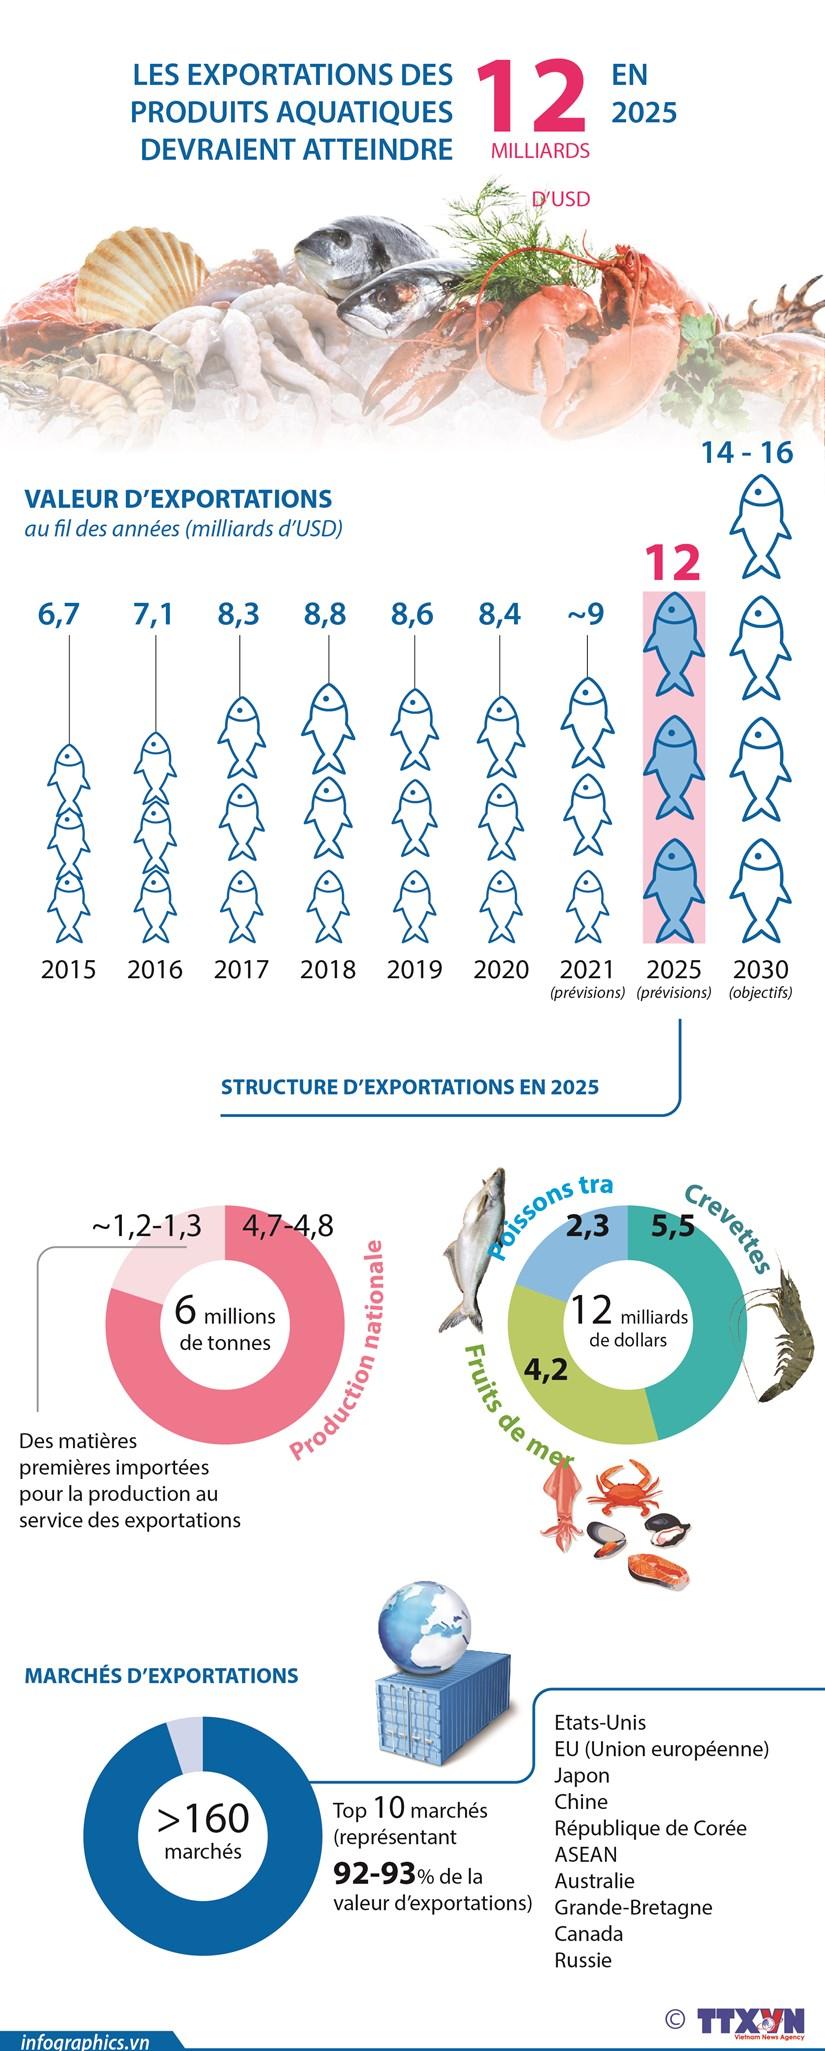 Les exportations des produits aquatiques devraient atteindre 12 milliards de dollars en 2025 hinh anh 1